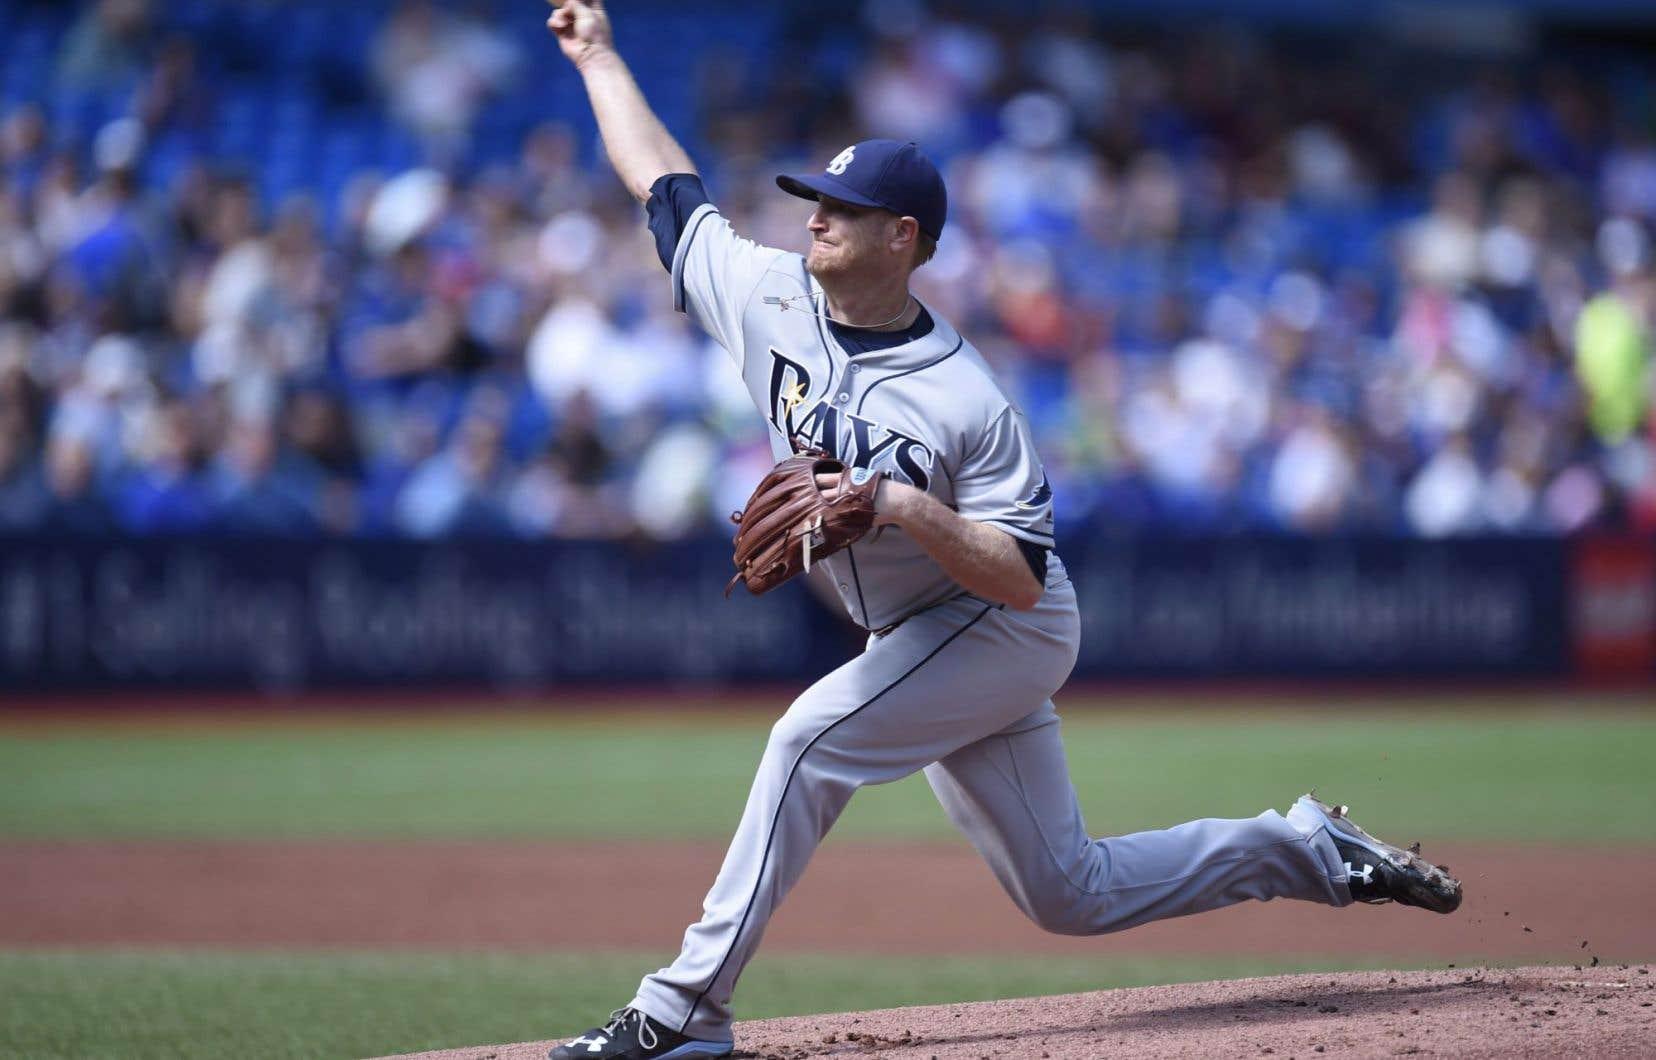 Le lanceur Alex Cobb, des Rays, effectuait un retour au jeu.